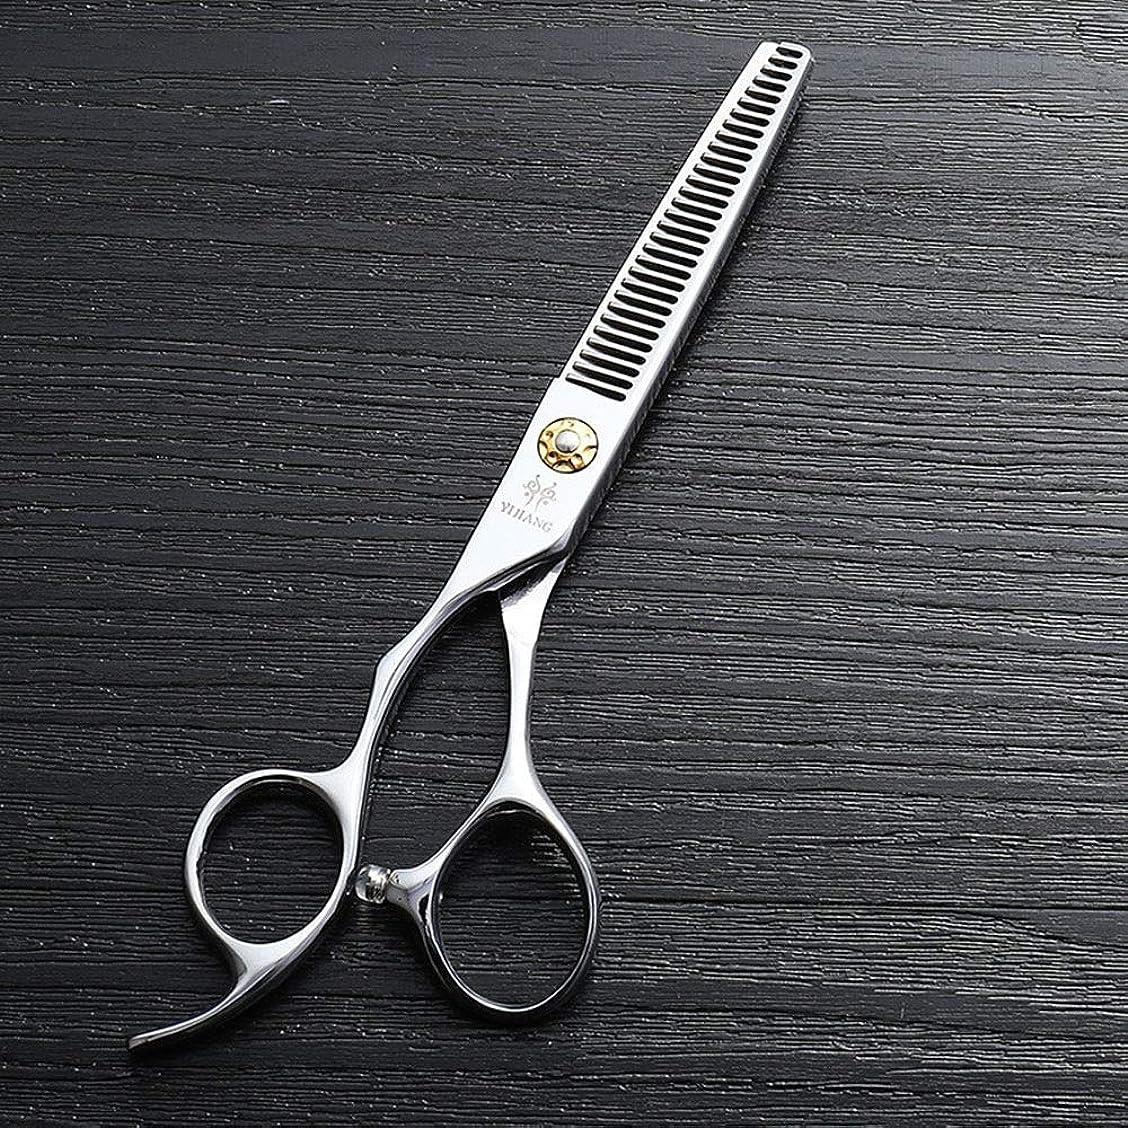 溶岩資格フェローシップカットハサミ ヘアスタイリングツール 6インチ美容院プロのヘアカットハイエンド左手歯はさみ、440 cステンレス鋼理髪ツール ヘアカットシザー (色 : Silver)